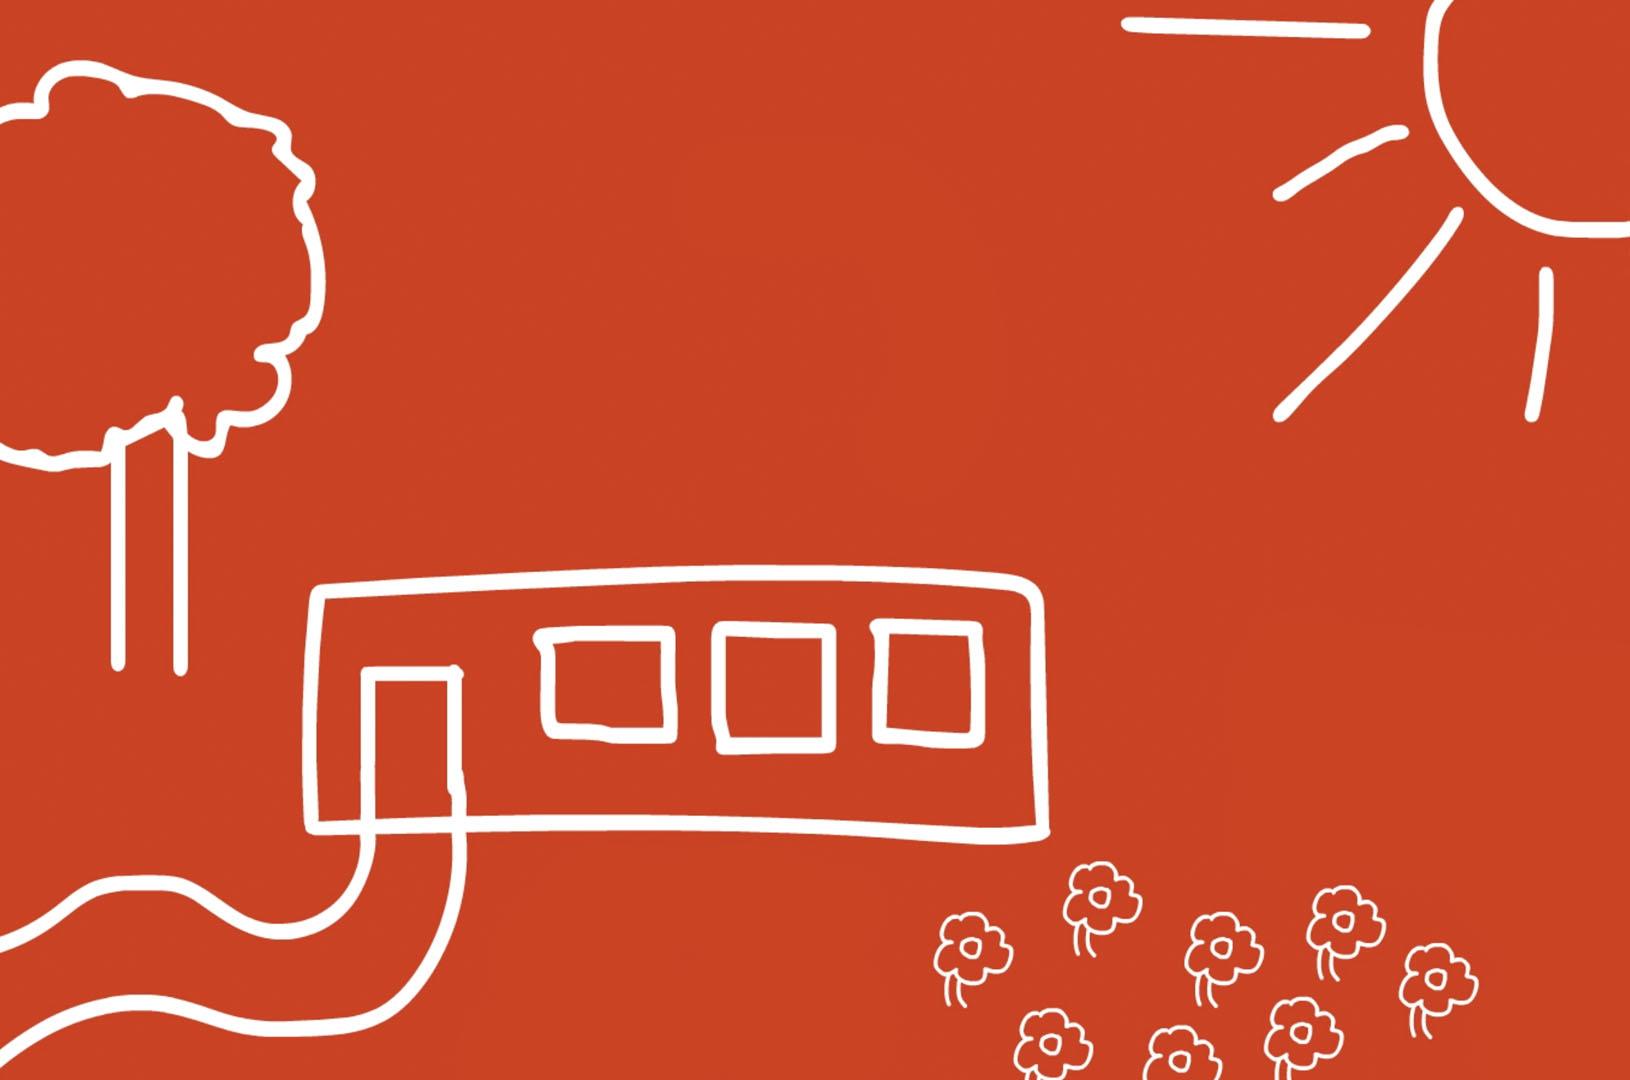 Illustration av moduler i rött och vitt